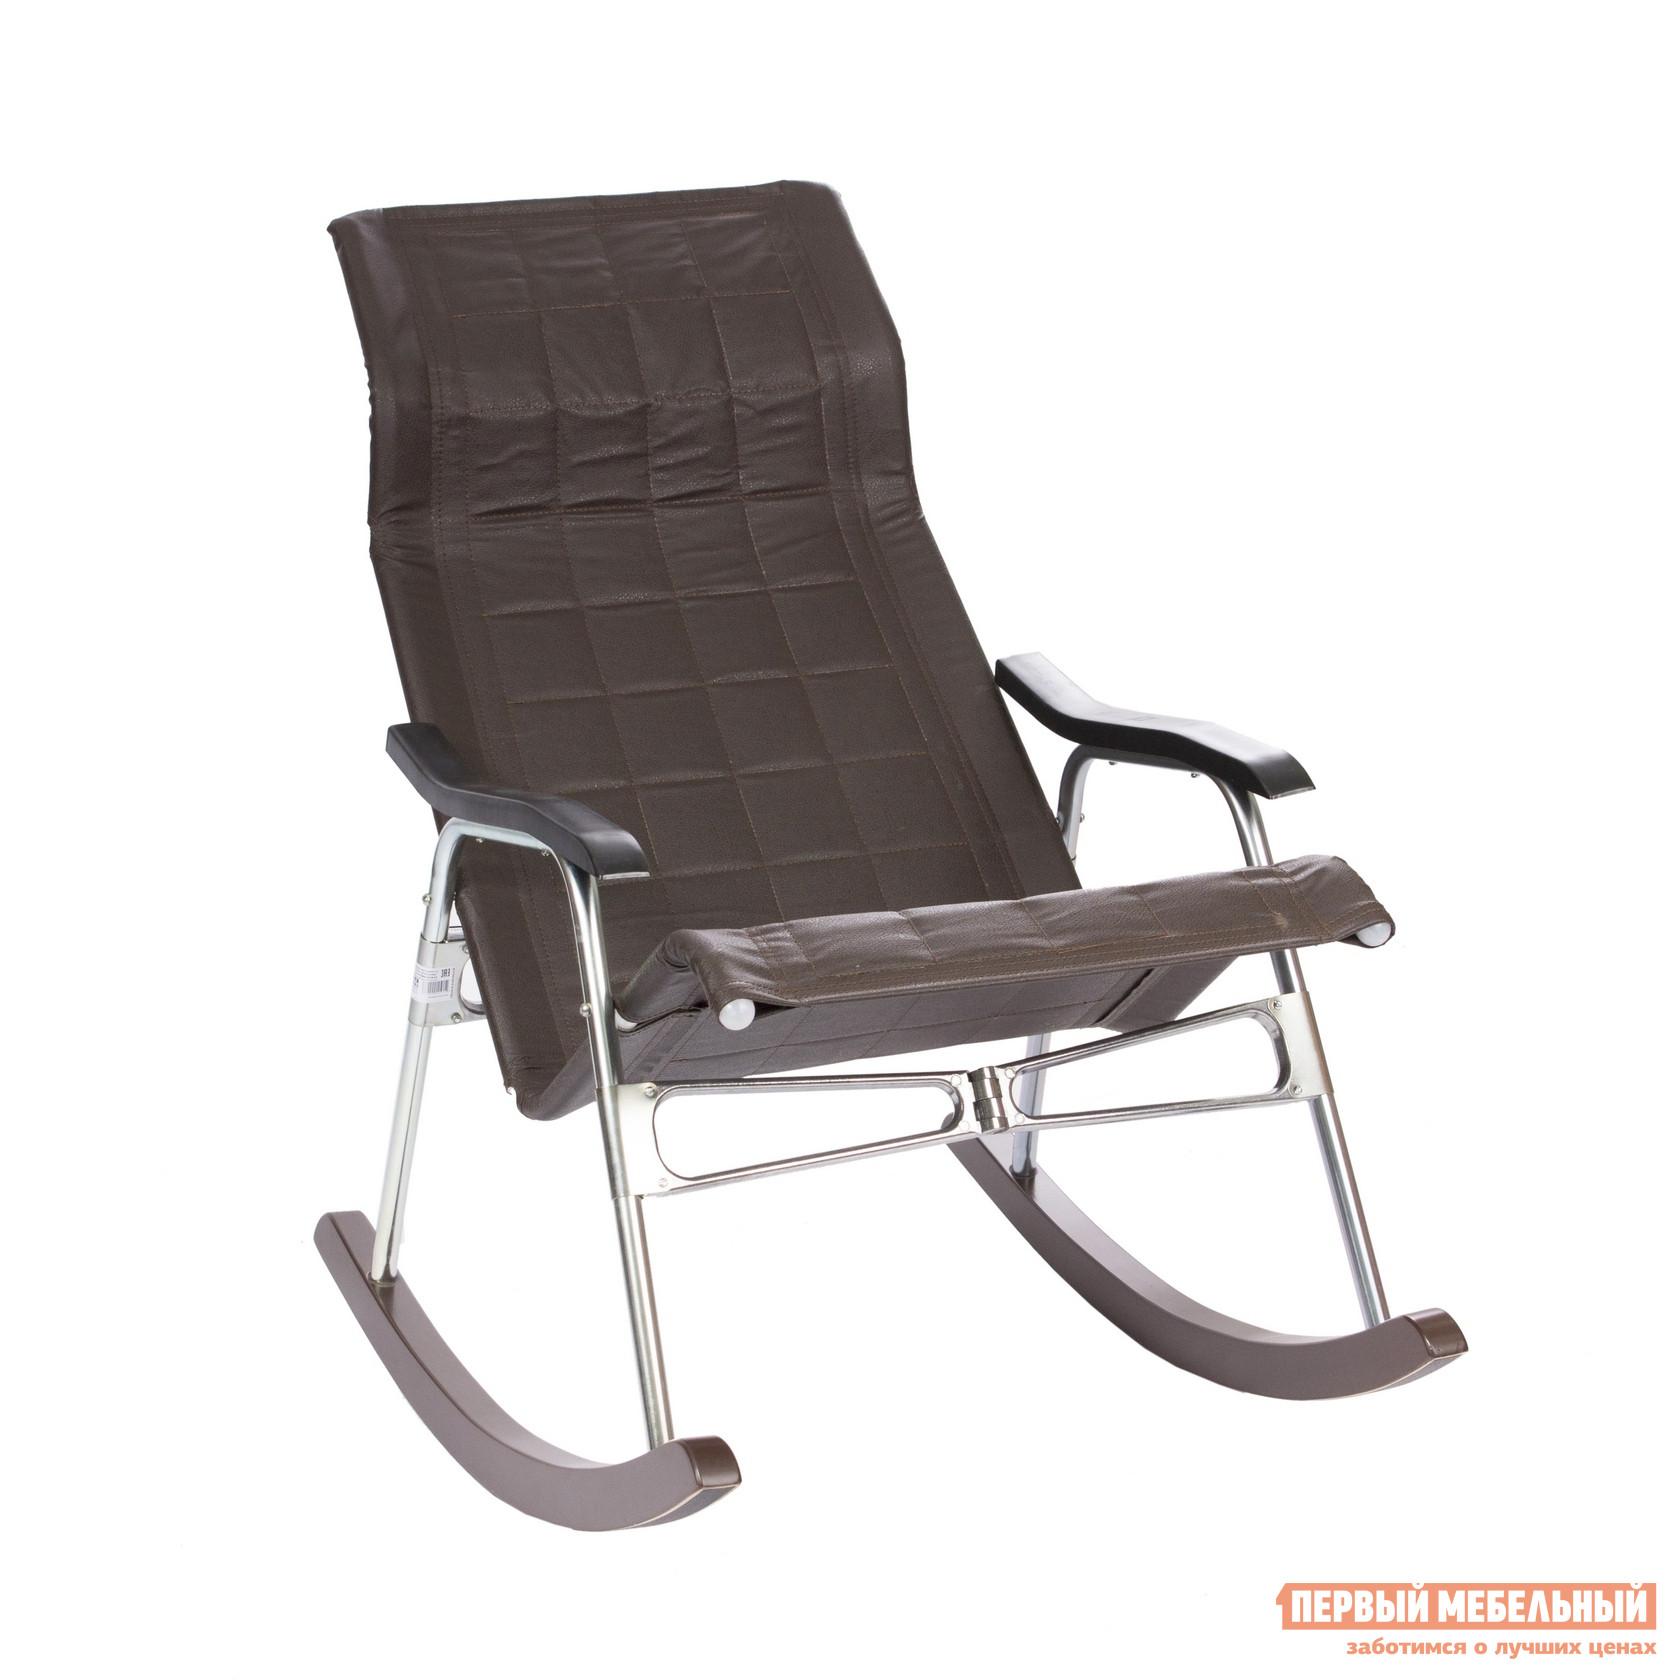 Кресло-качалка Мебель Импэкс Кресло-качалка складное Белтех кресло складное kingcamp цвет зеленый кс3852